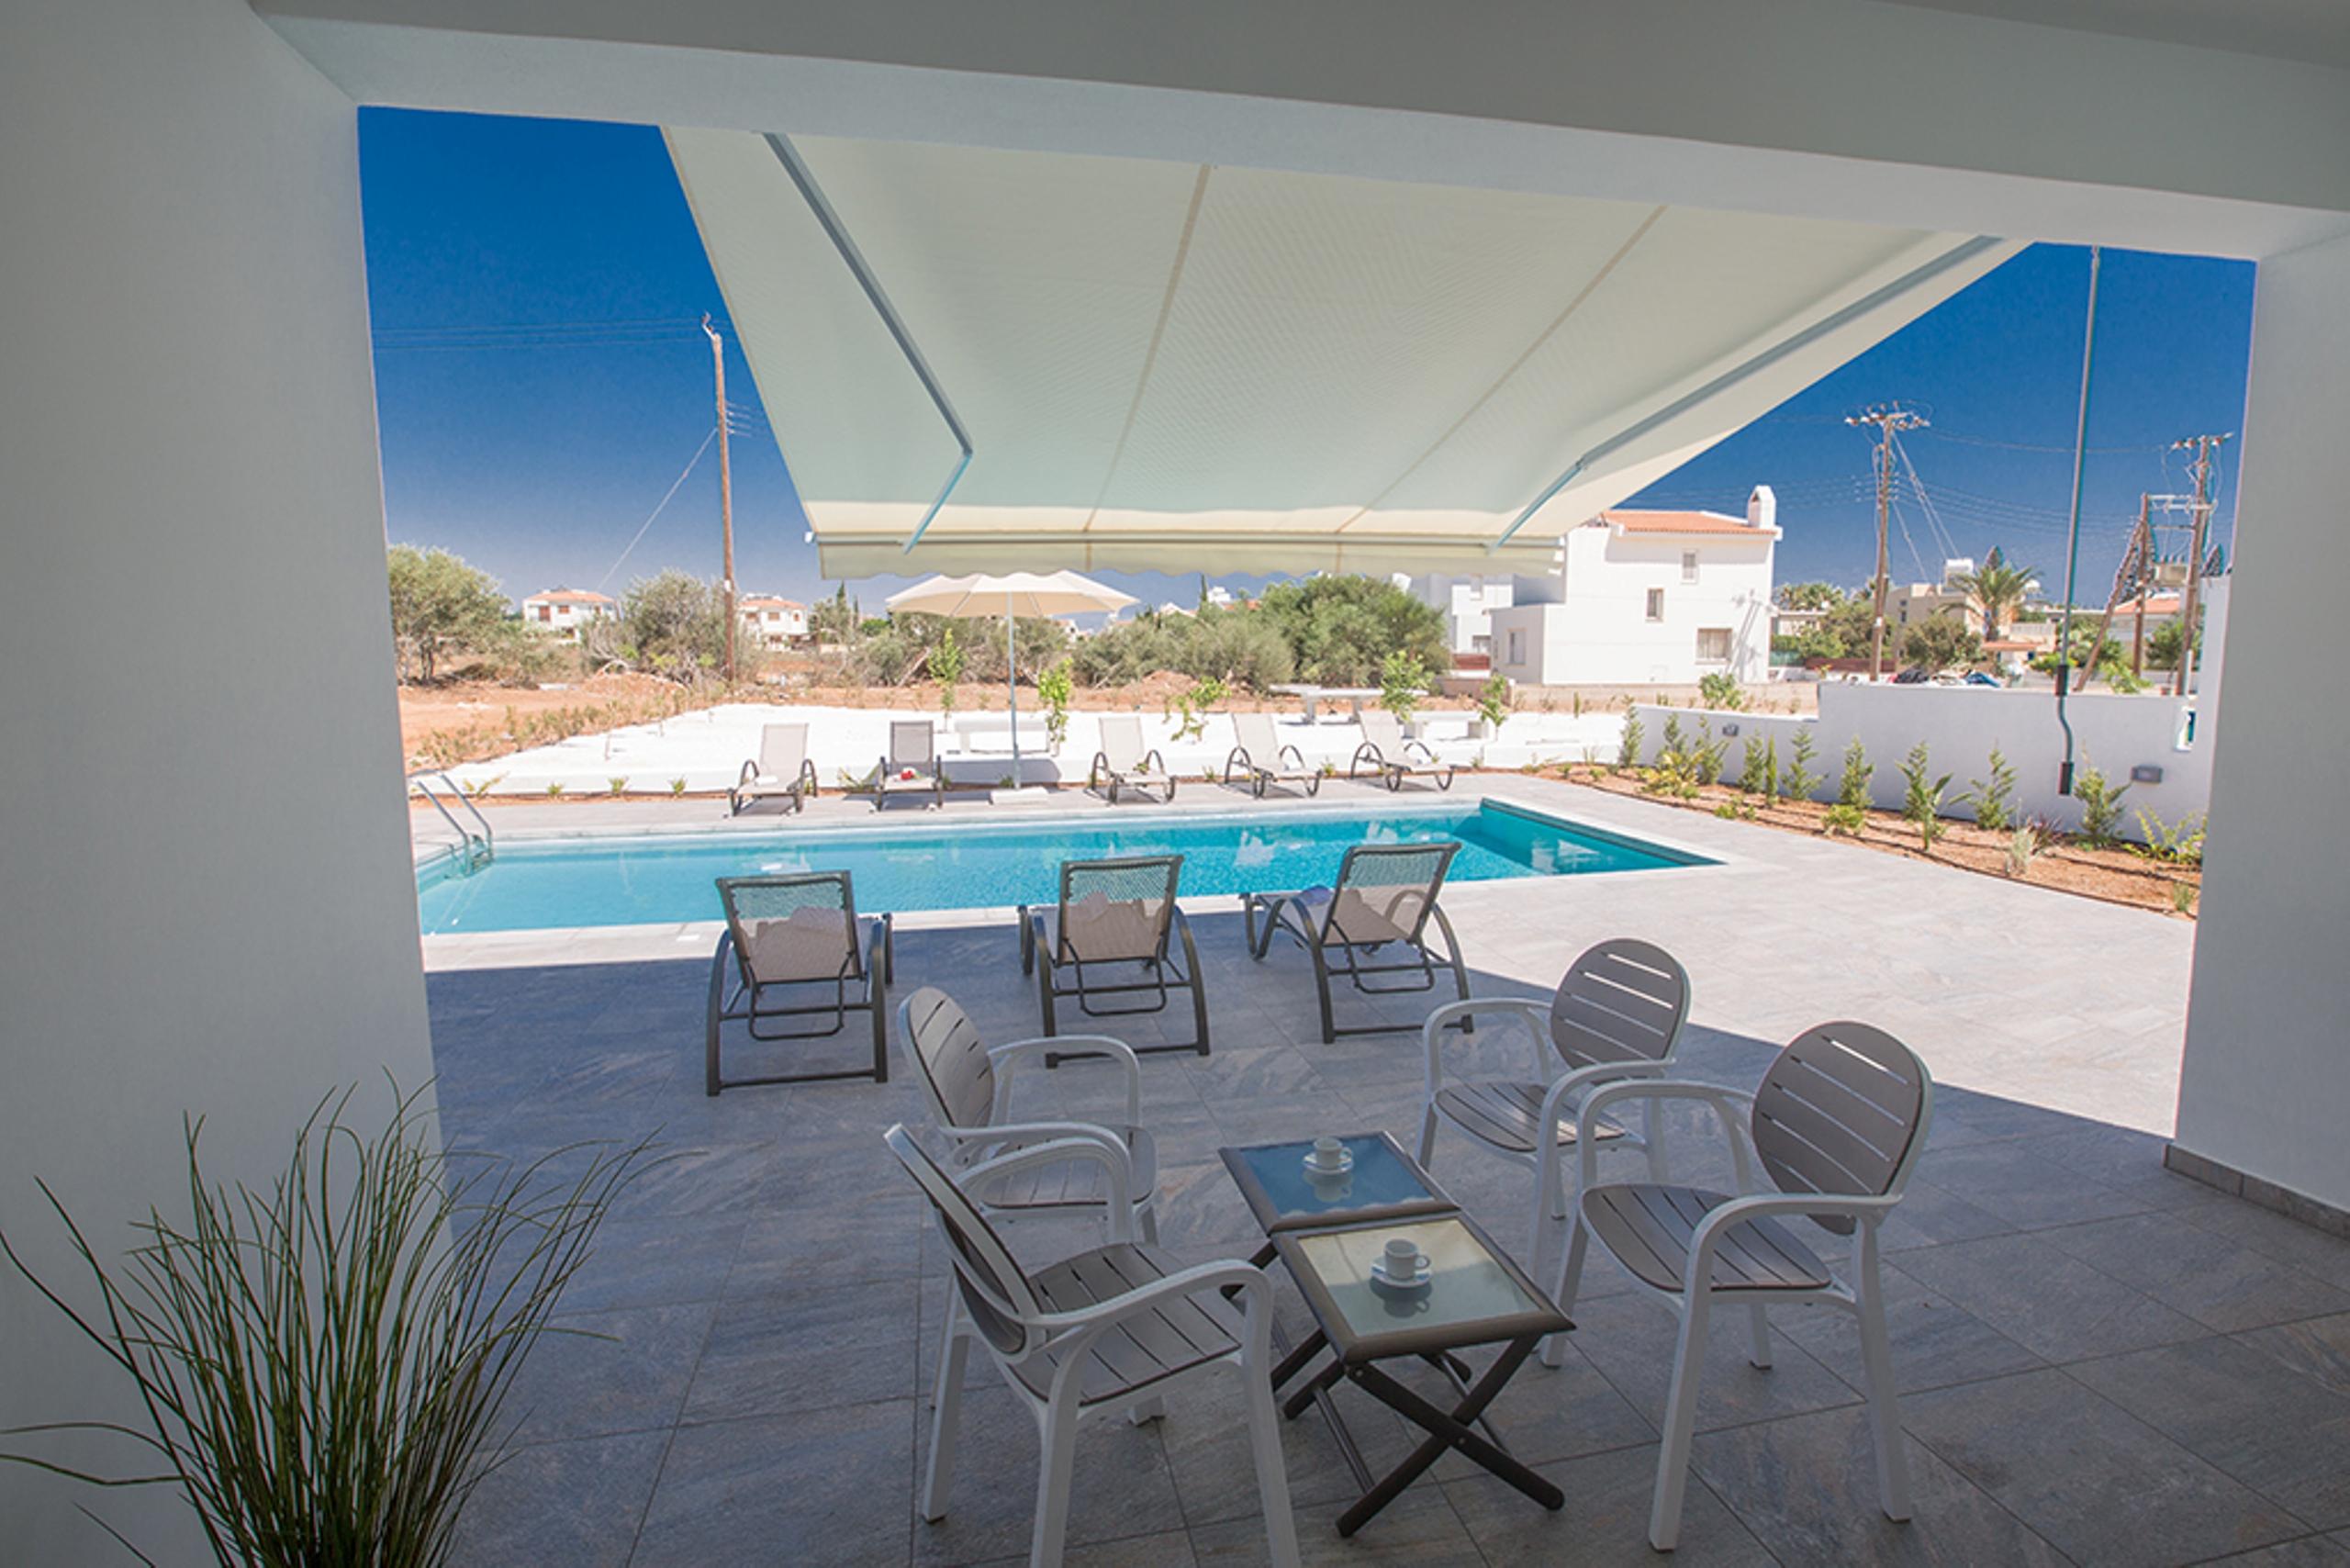 Ferienhaus protaras 12 personen zypern pafos 630324 for Ferienhaus zypern